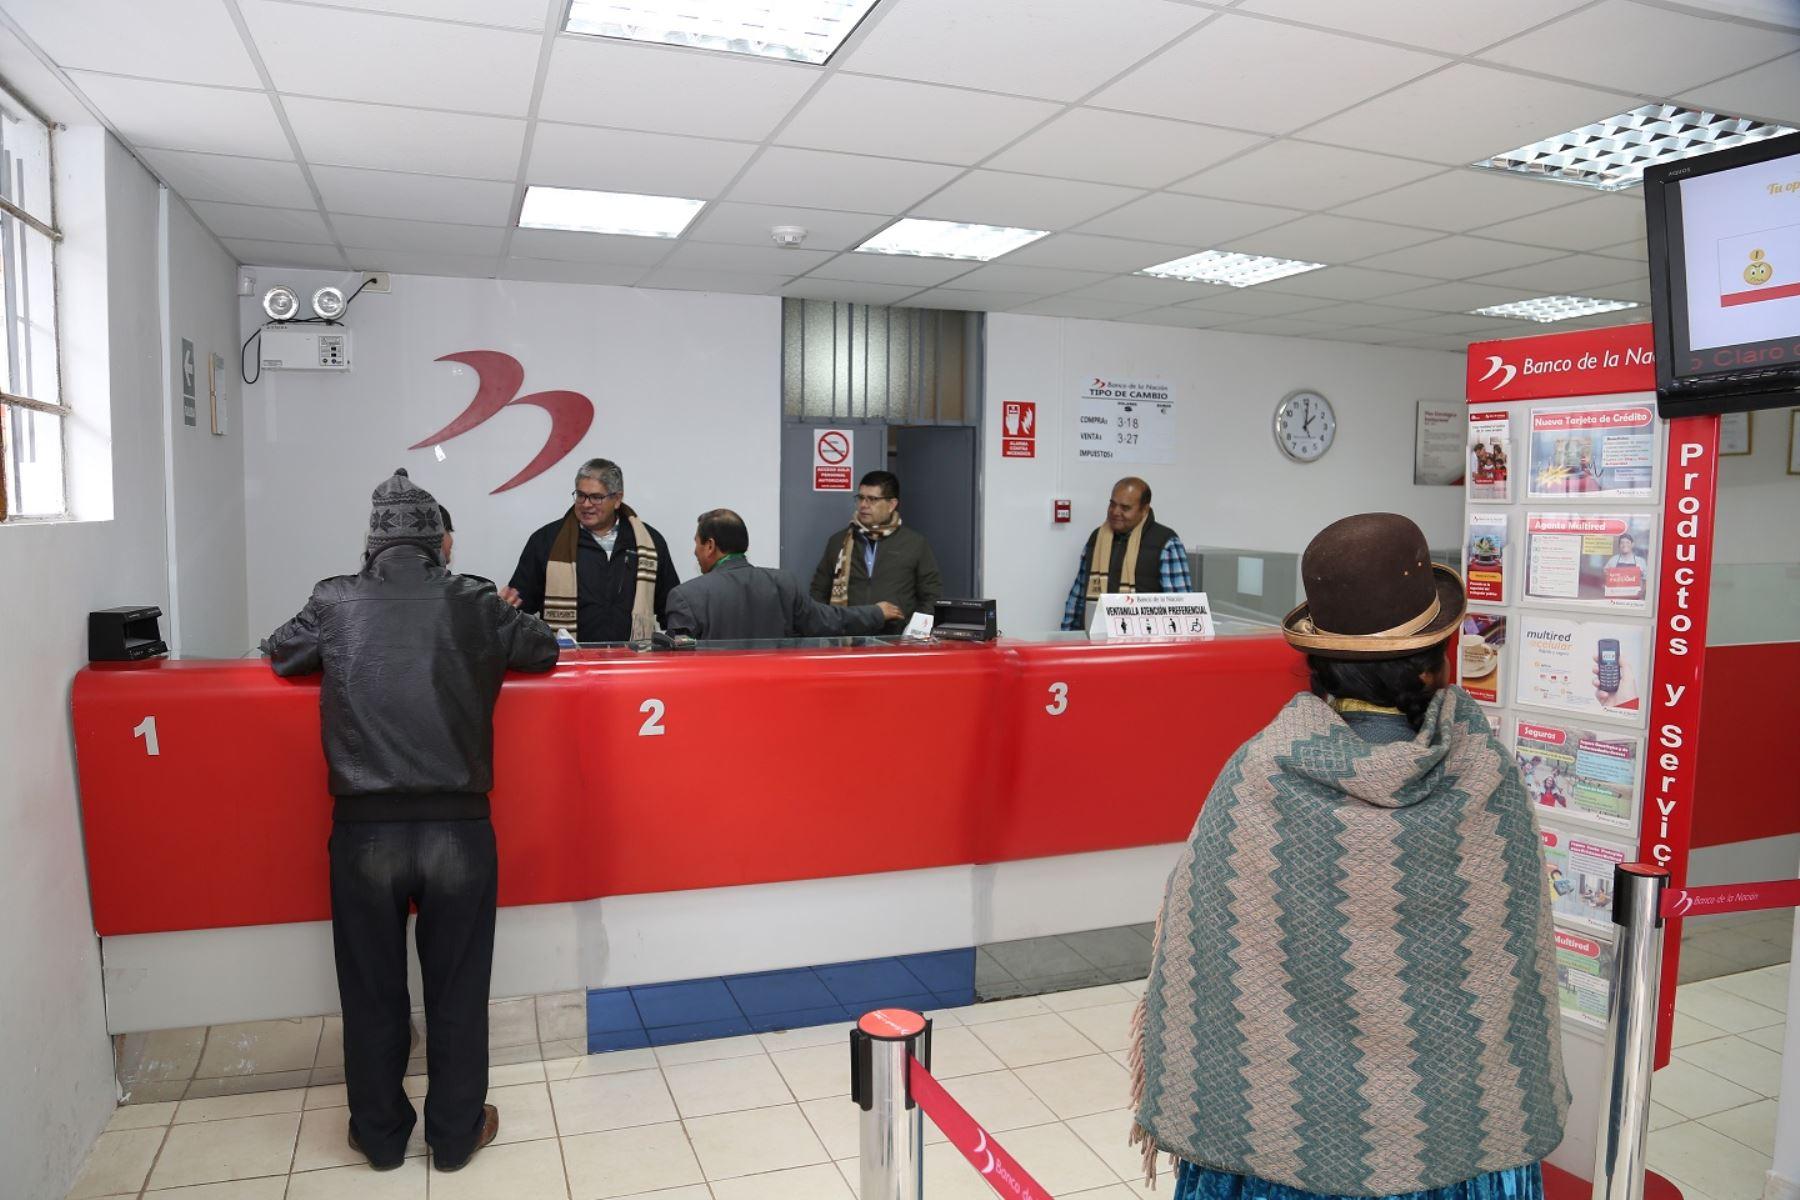 Agencia del Banco de la Nación en Macusani se impuso a nivel mundial a locaciones de Nepal y Bolivia.